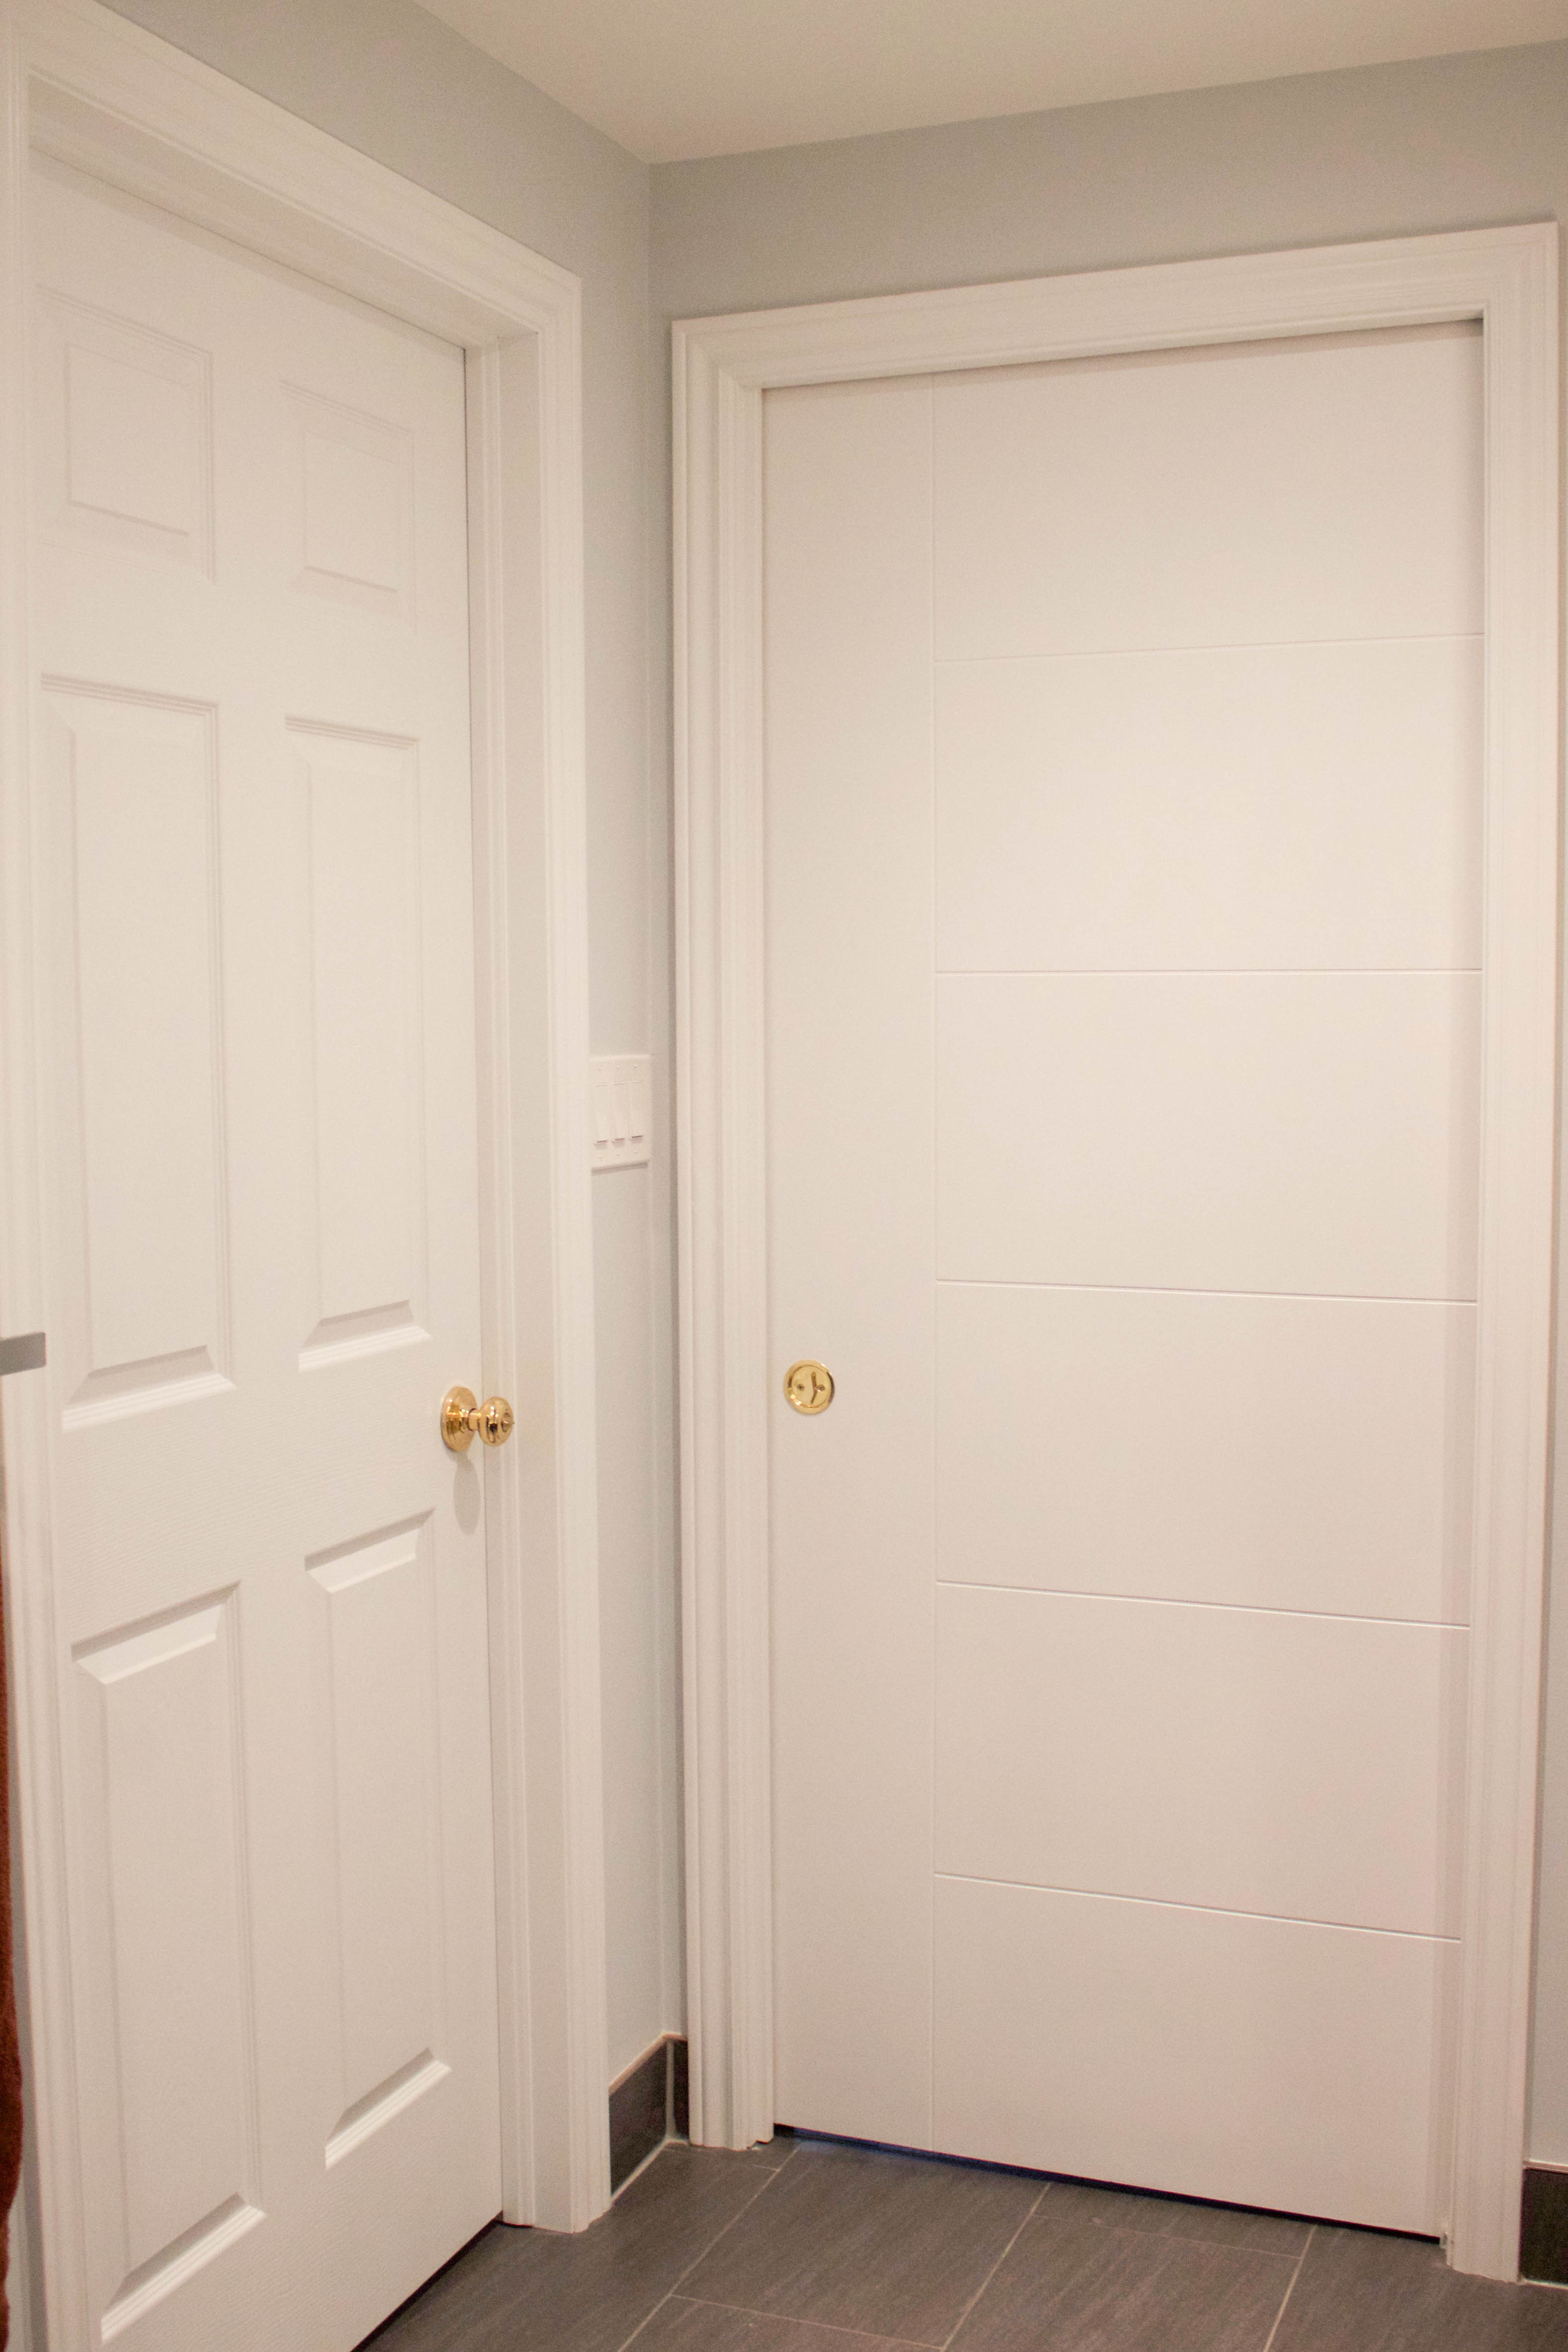 Both bathroom doors